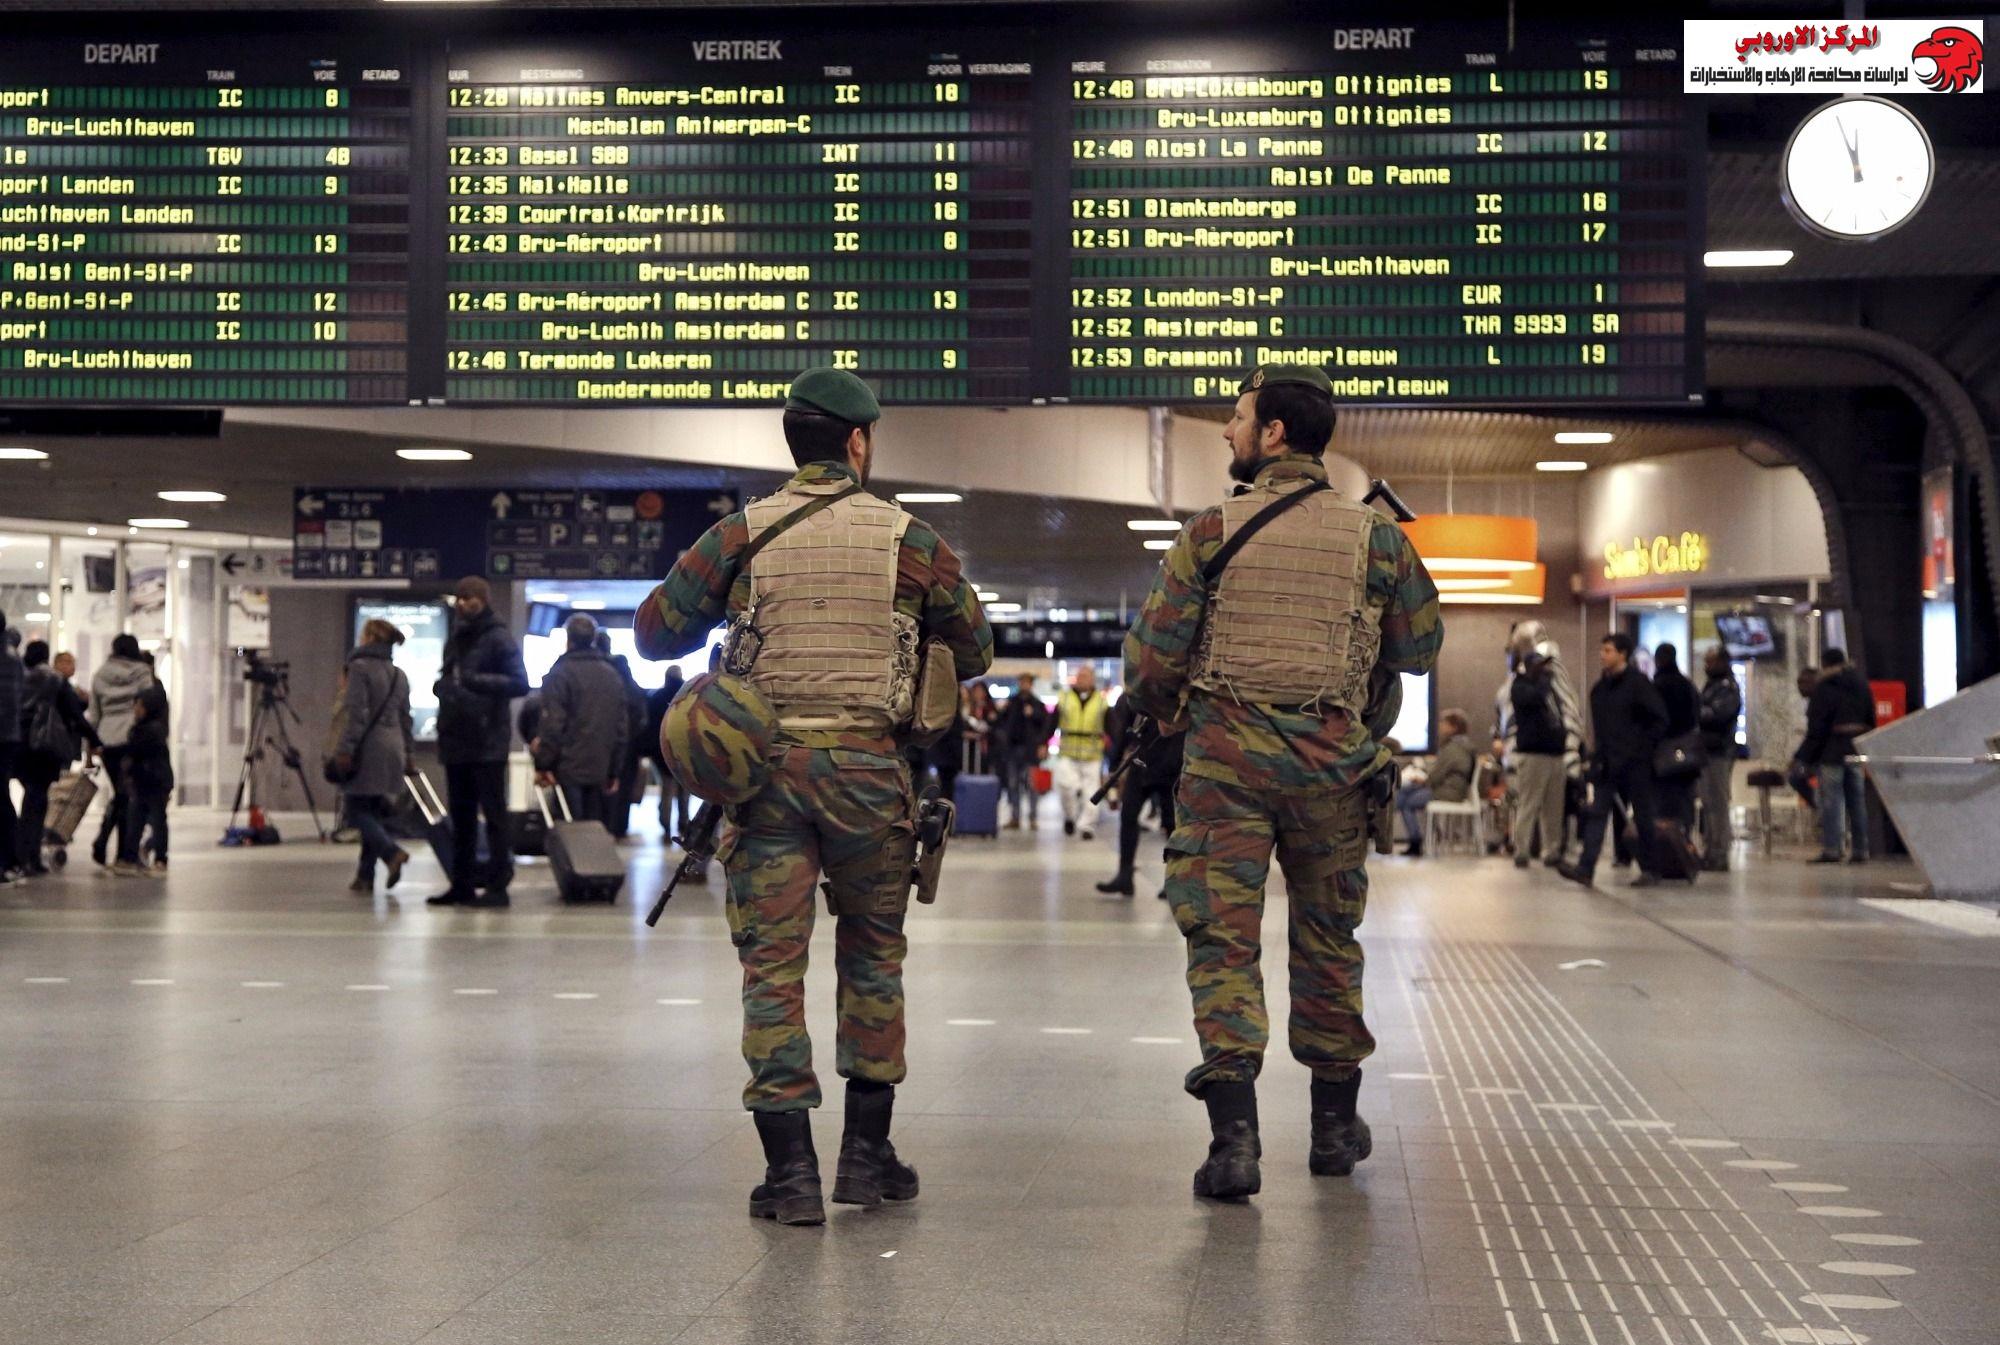 معضلة عودة المقاتلين الاجانب الى بلجيكا